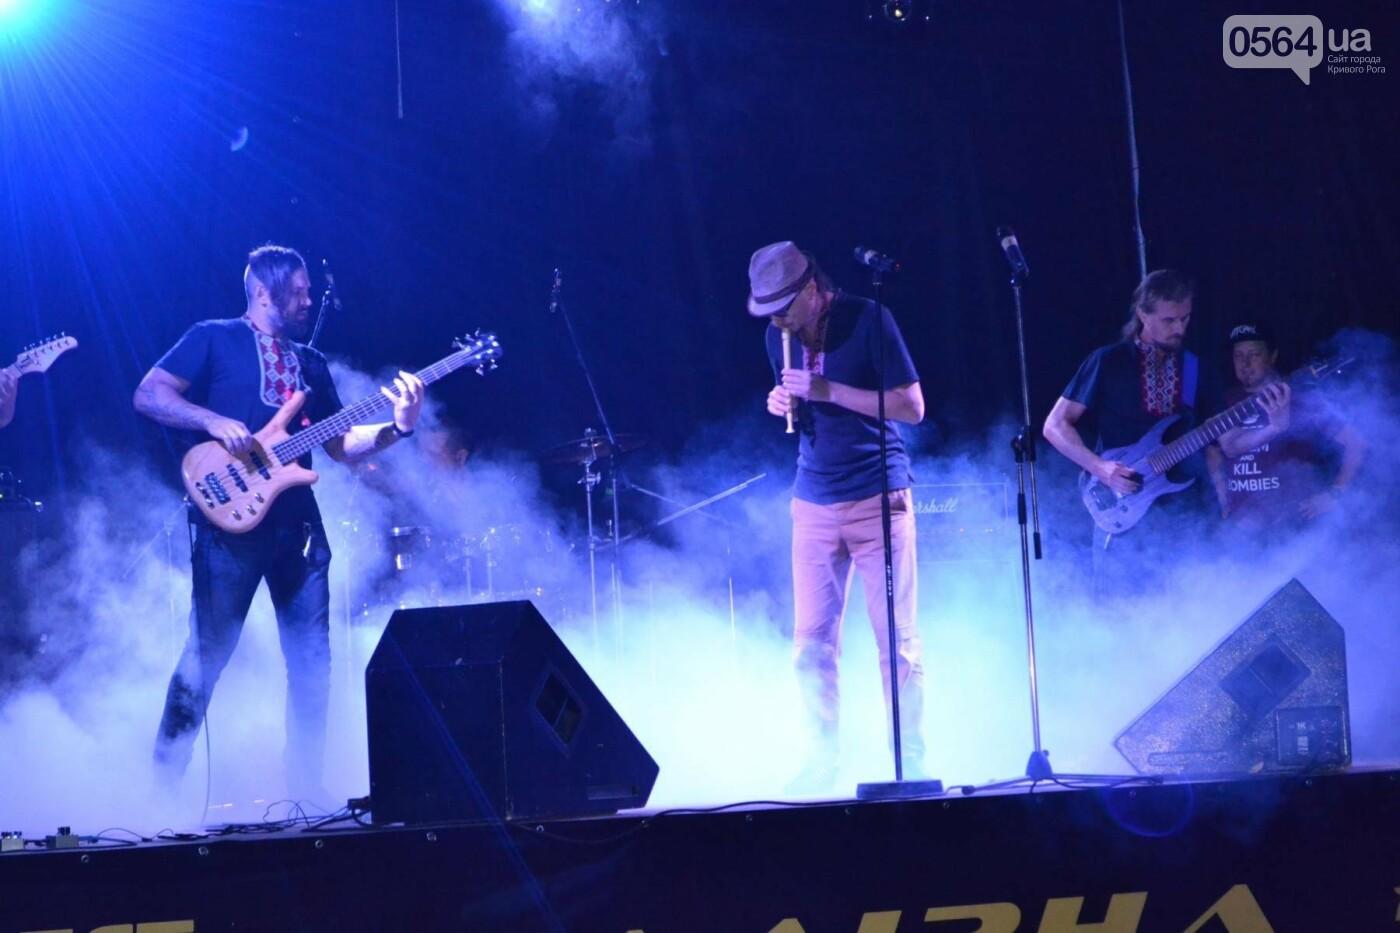 Подведение итогов, награждение победителей и выступление рок-групп, - чем завершился криворожский веломарафон, - ФОТО, ВИДЕО, фото-12